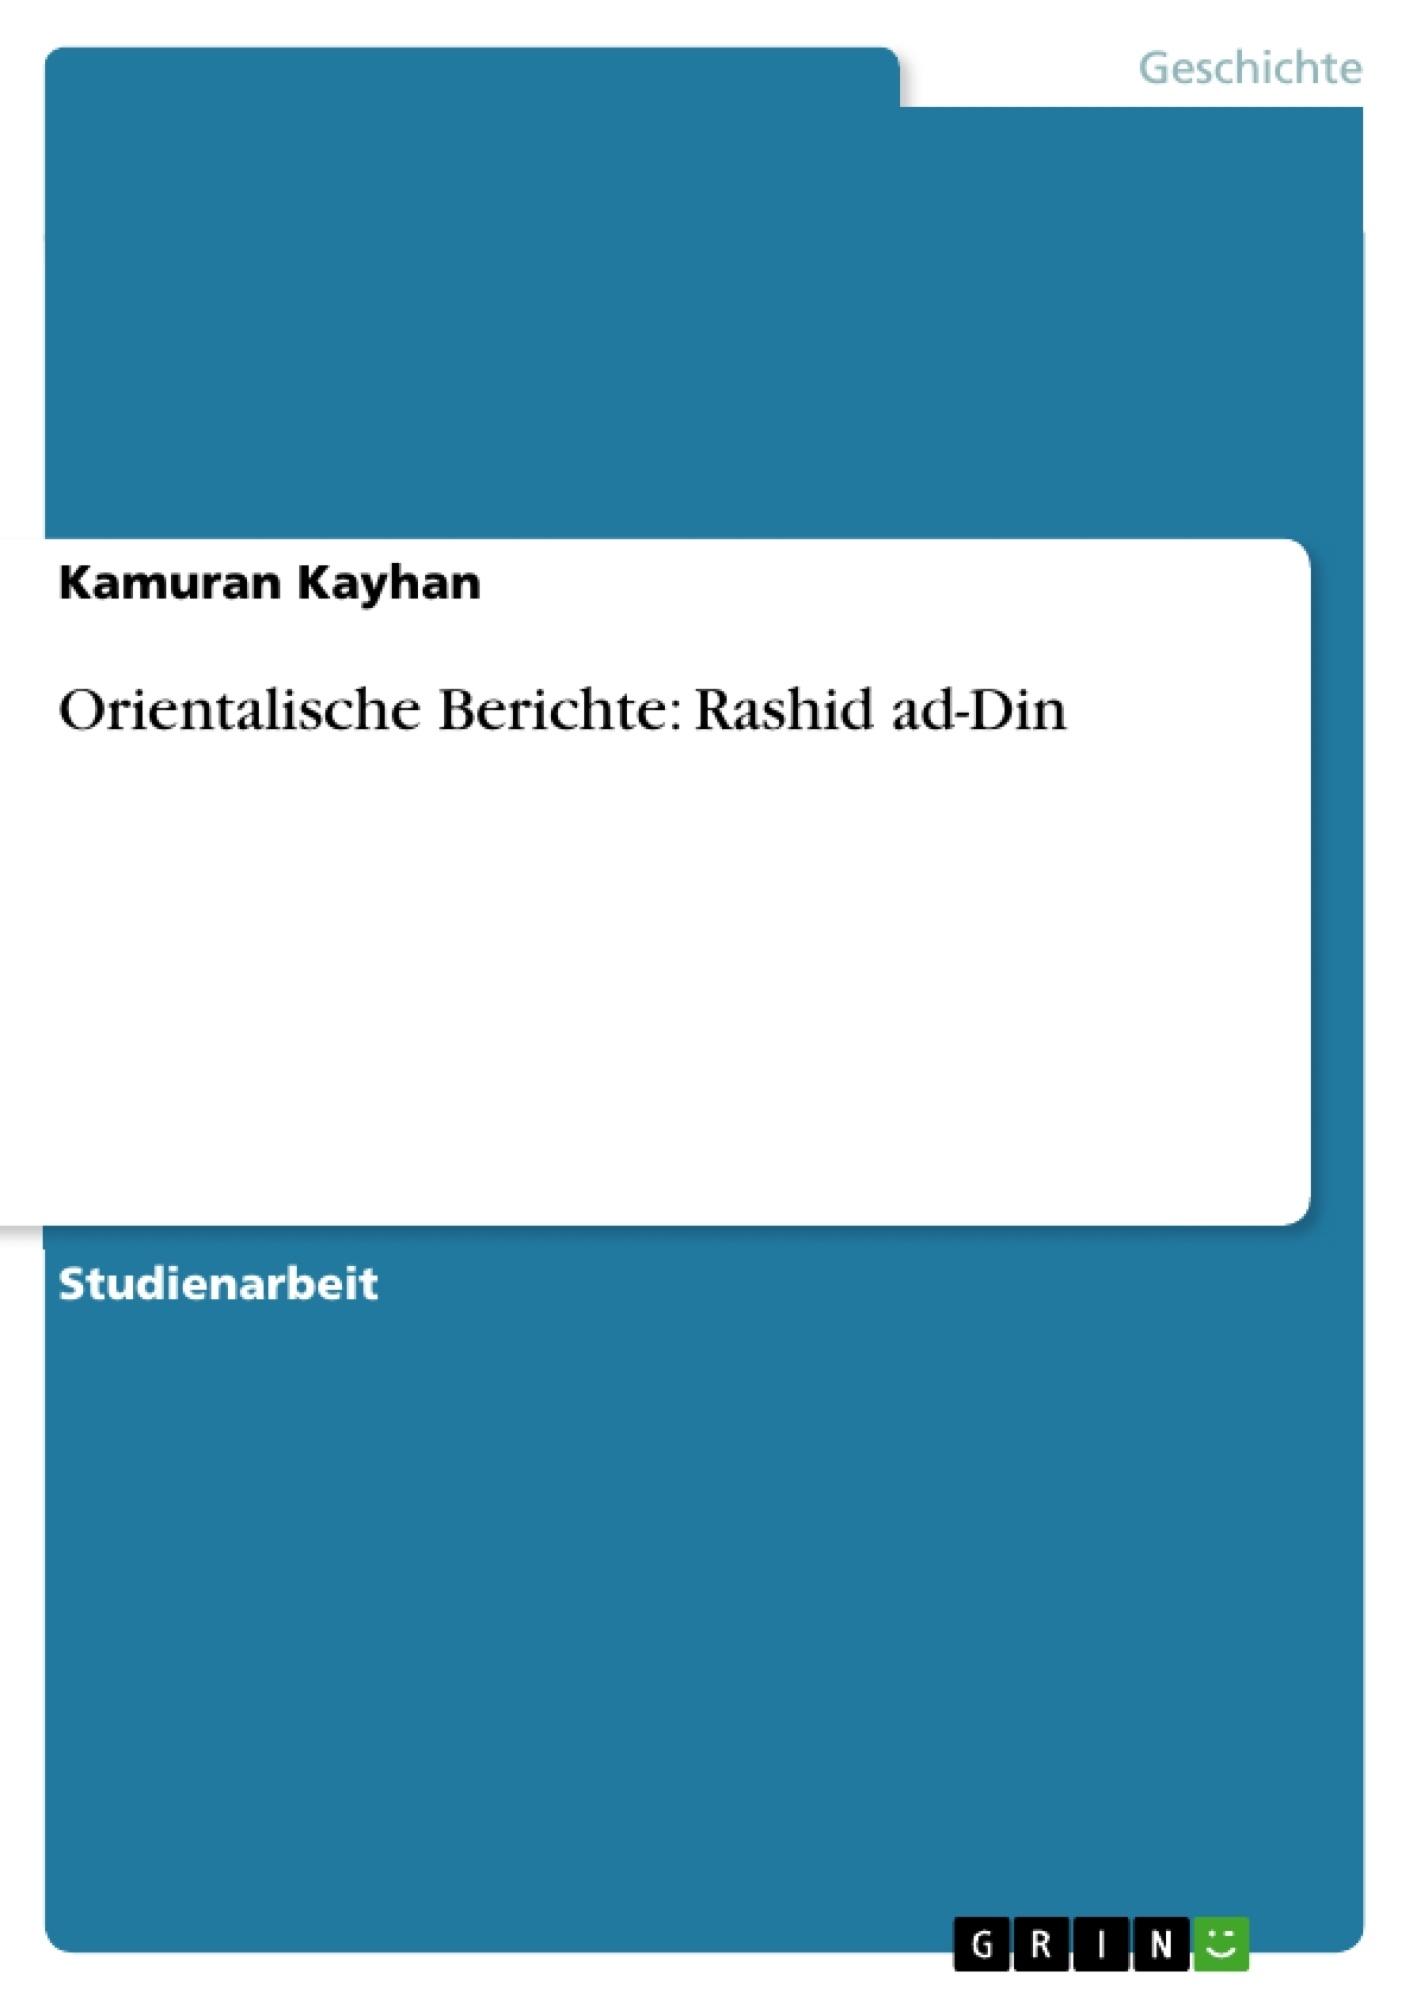 Titel: Orientalische Berichte: Rashid ad-Din